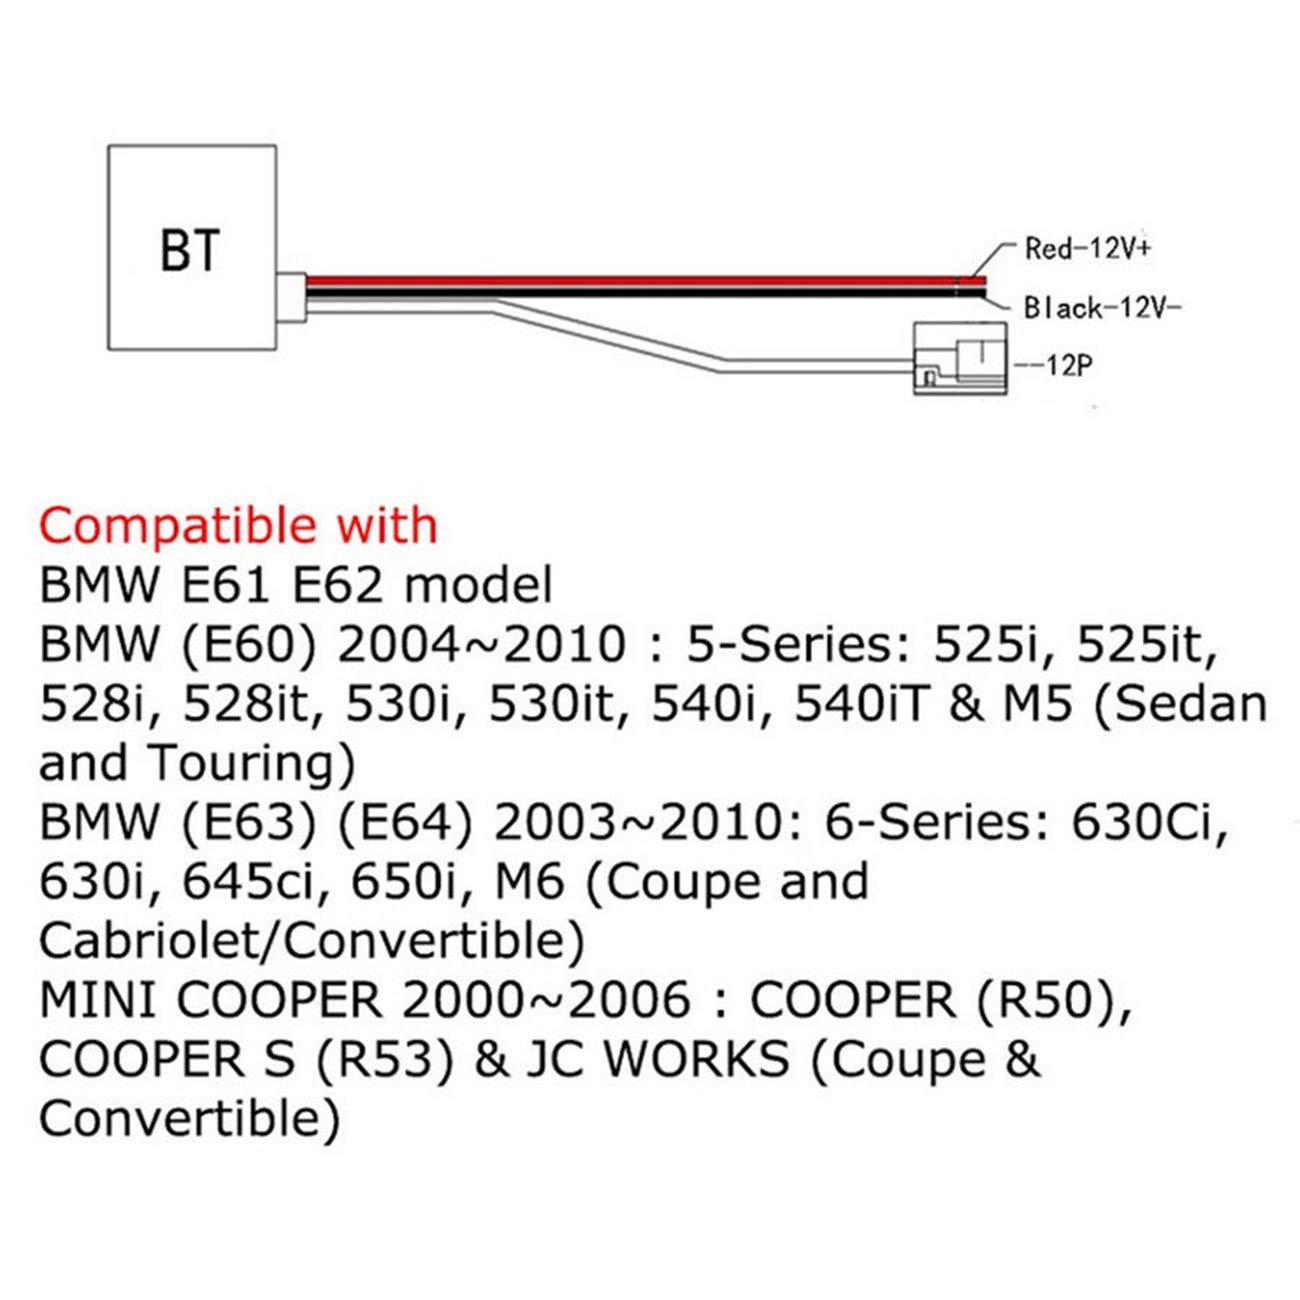 ALAVENTE Bluetooth Adapter Receiver Bluetooth Radio Stereo for AUX in for BMW E60 E61 E62 E63 E83 Mini Car Bluetooth Wireless Module